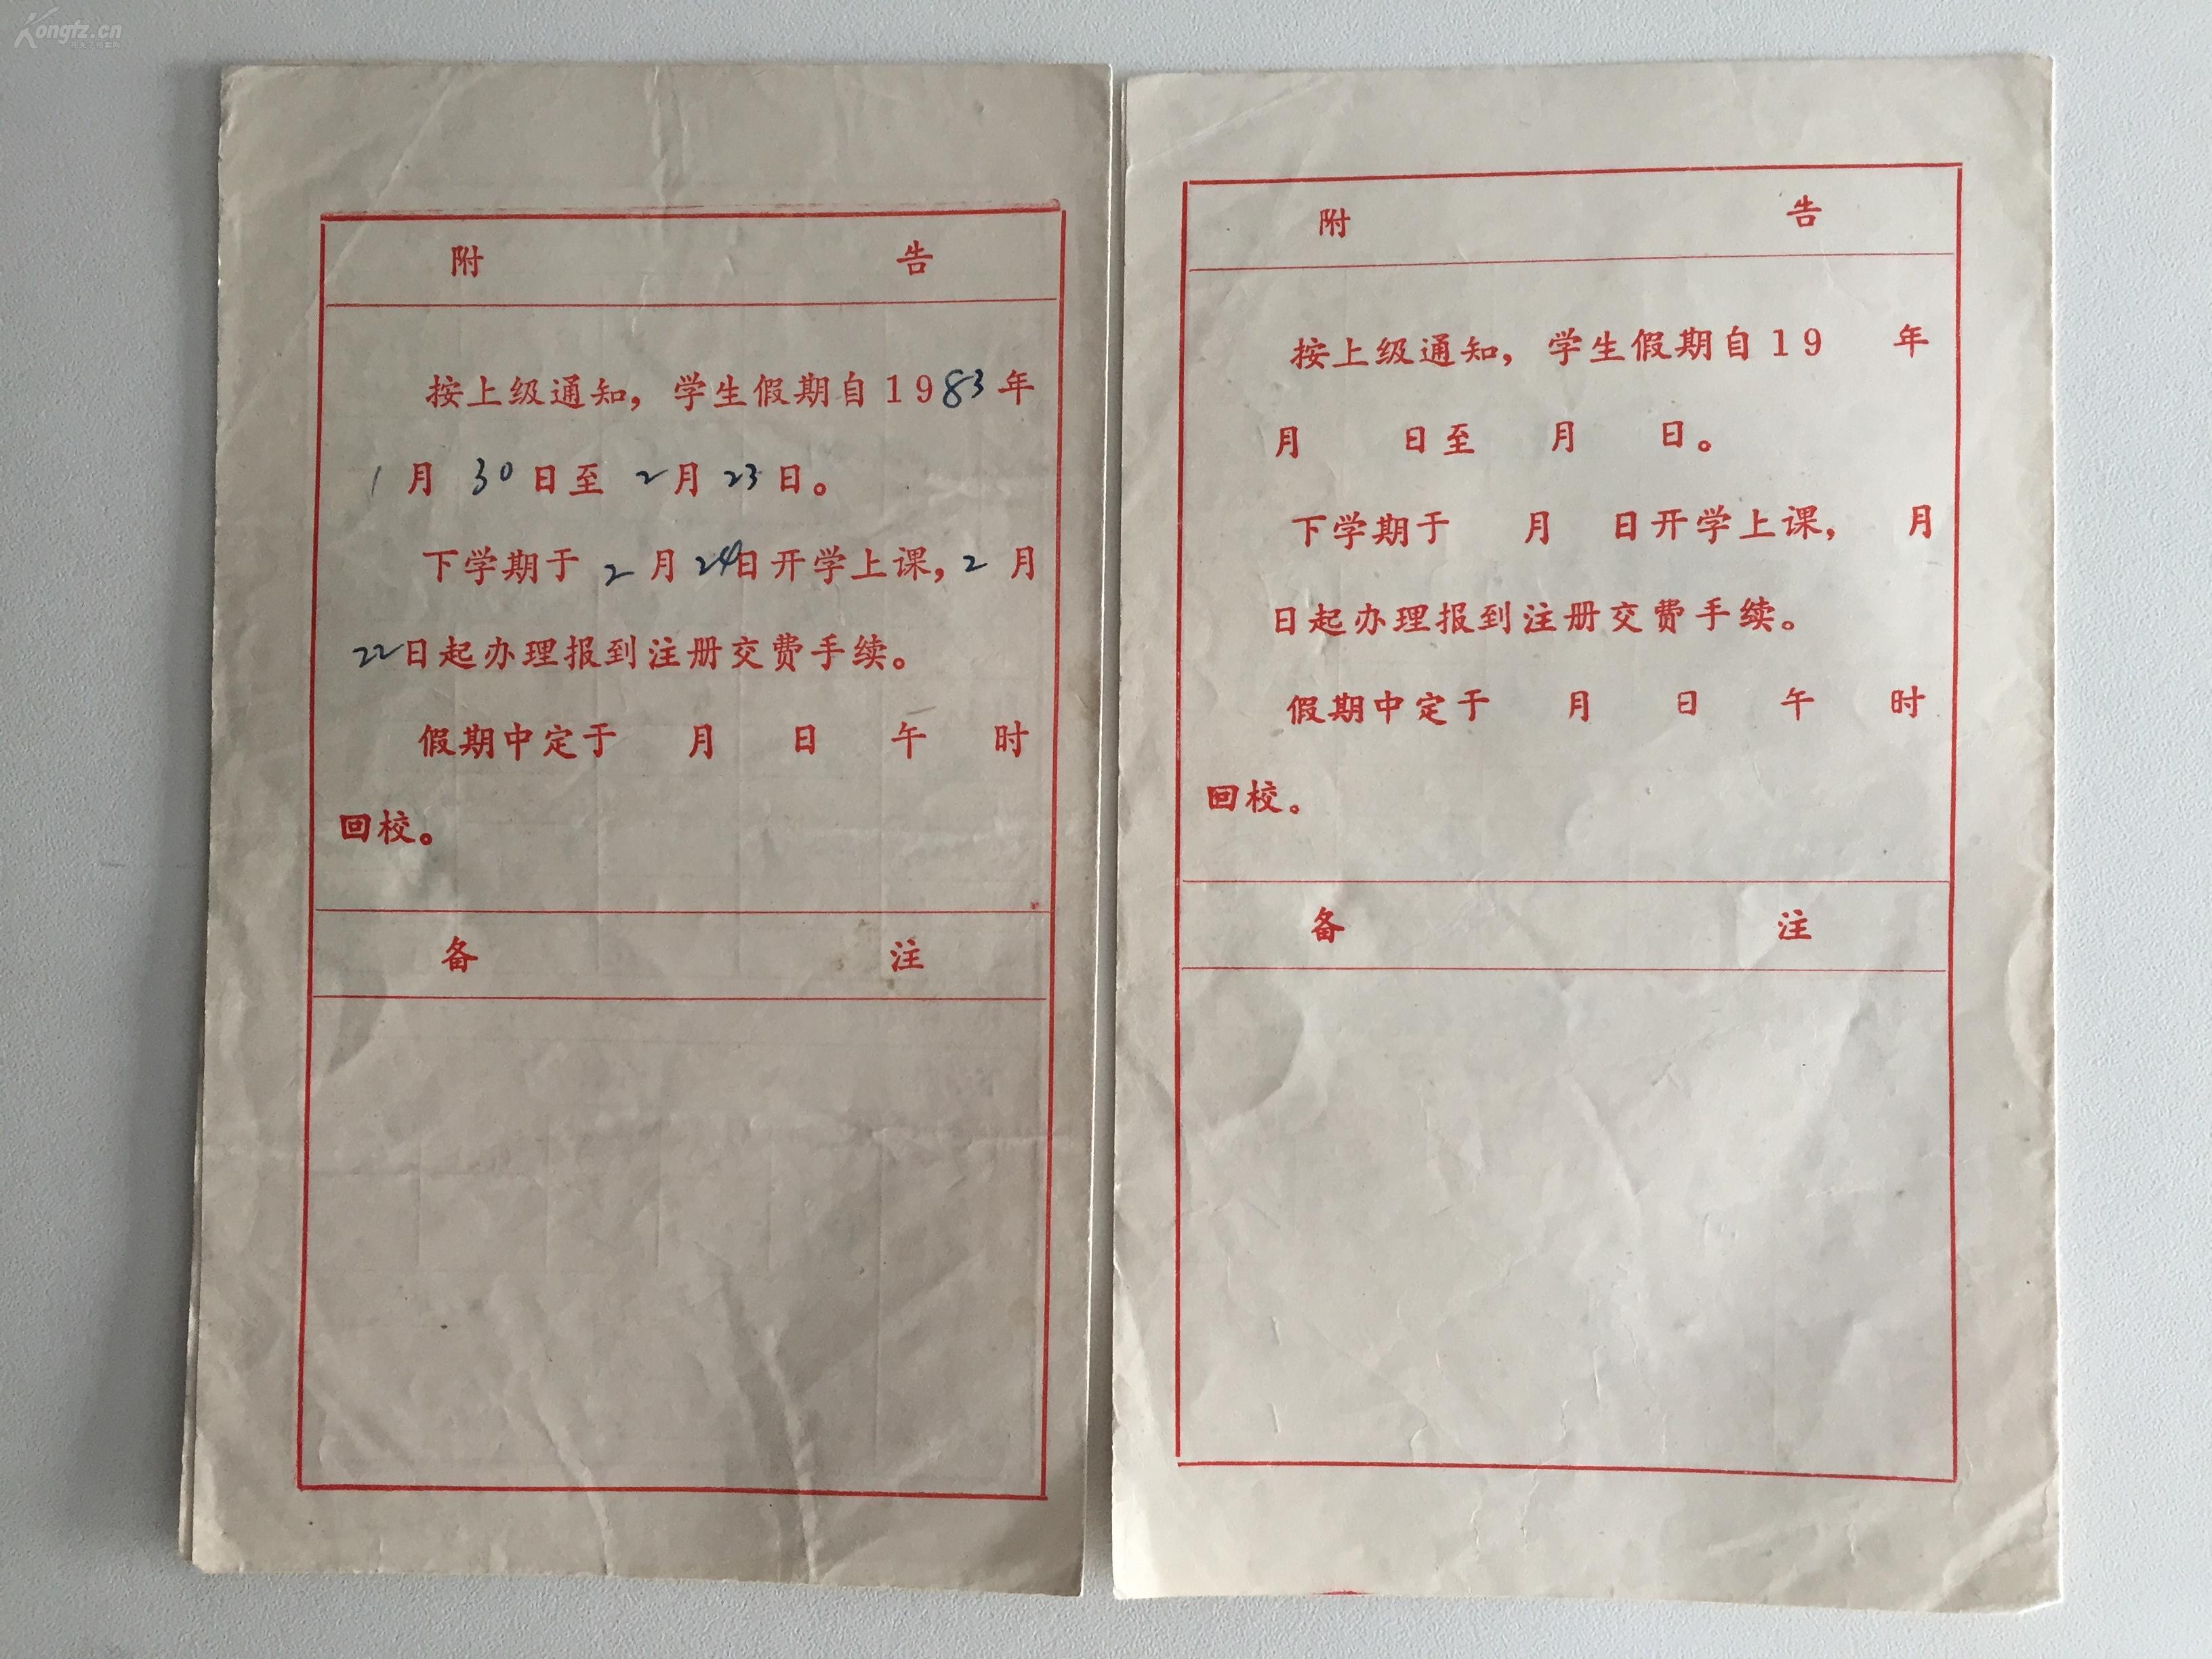 1983年苏州市中街路课件五(乙)班《学生情况小学小学生护士ppt模板下载图片